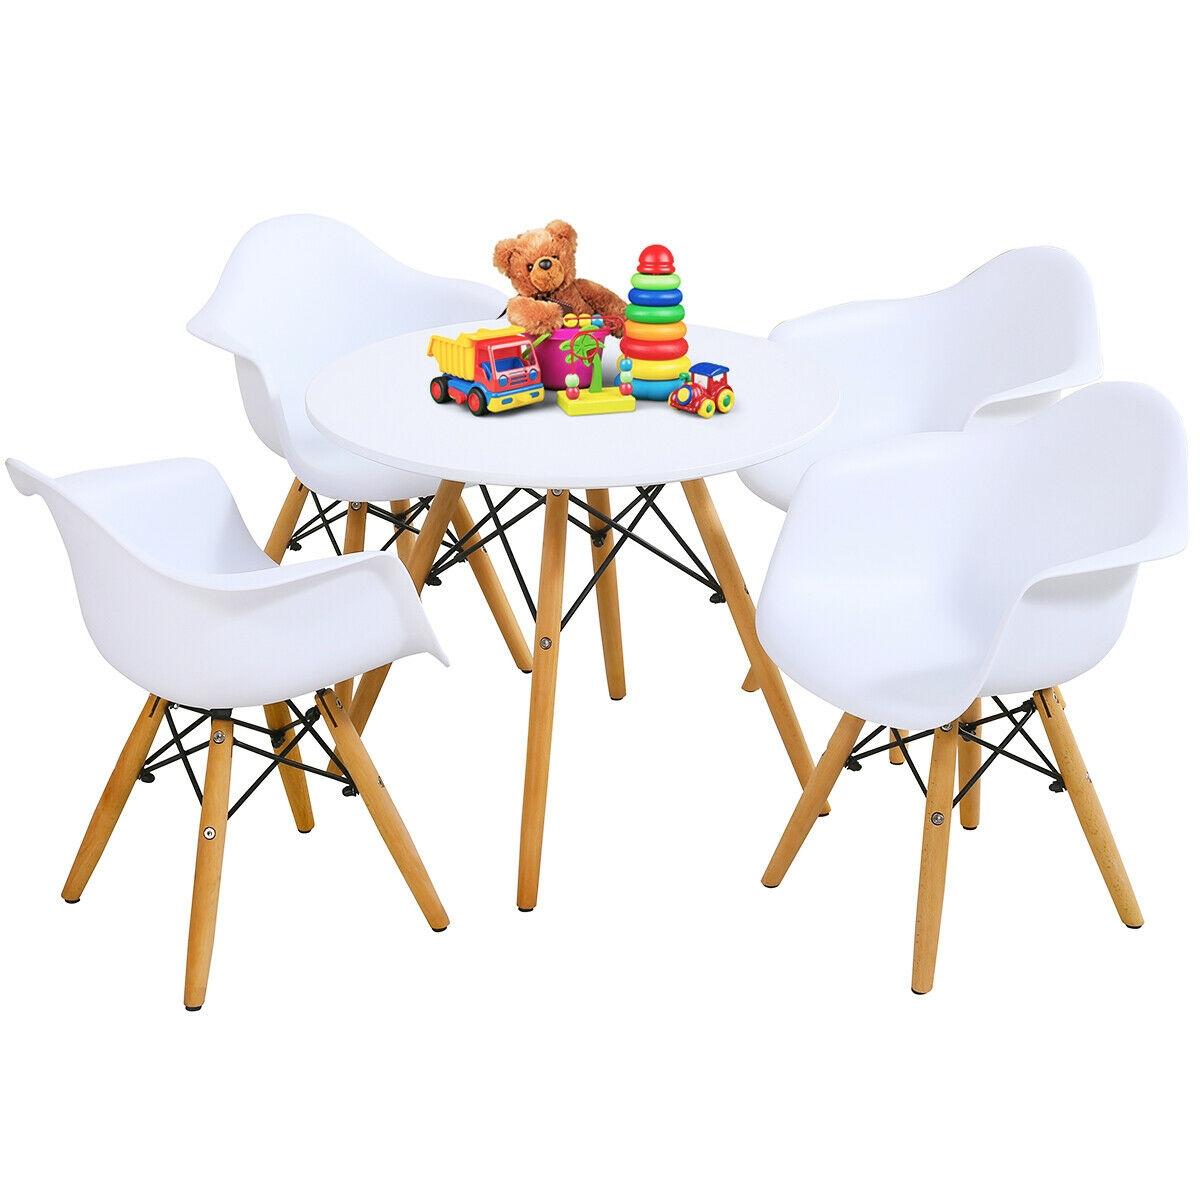 5 Piece Kids Modern Round Table Chair Set